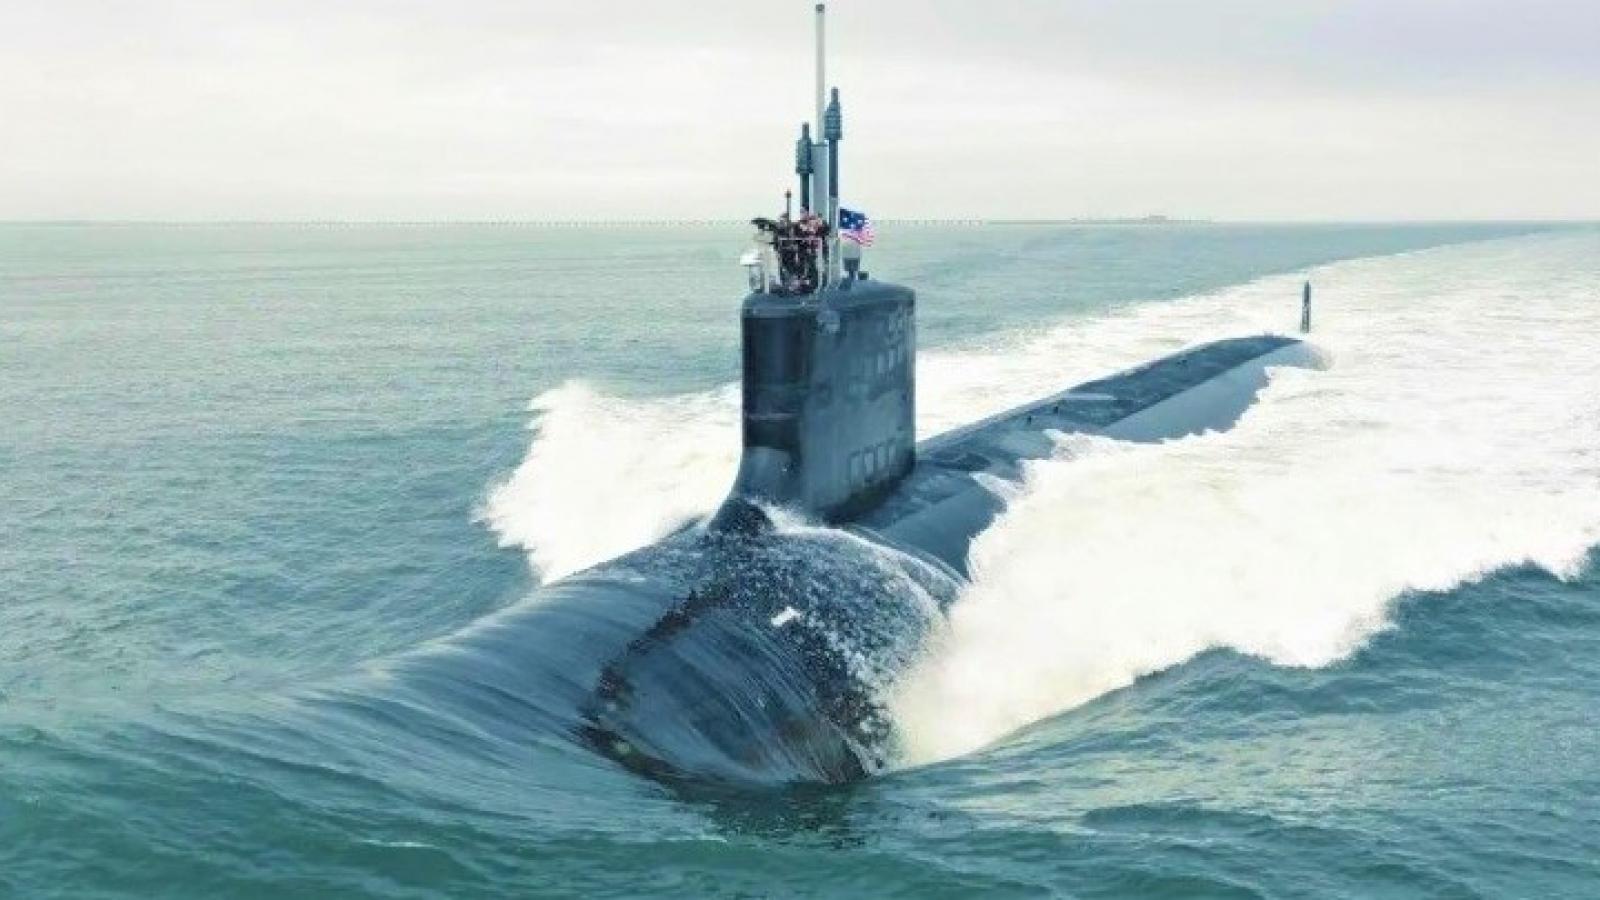 Nguy cơ phổ biến vũ khí hạt nhân khi Australia sở hữu tàu ngầm năng lượng hạt nhân